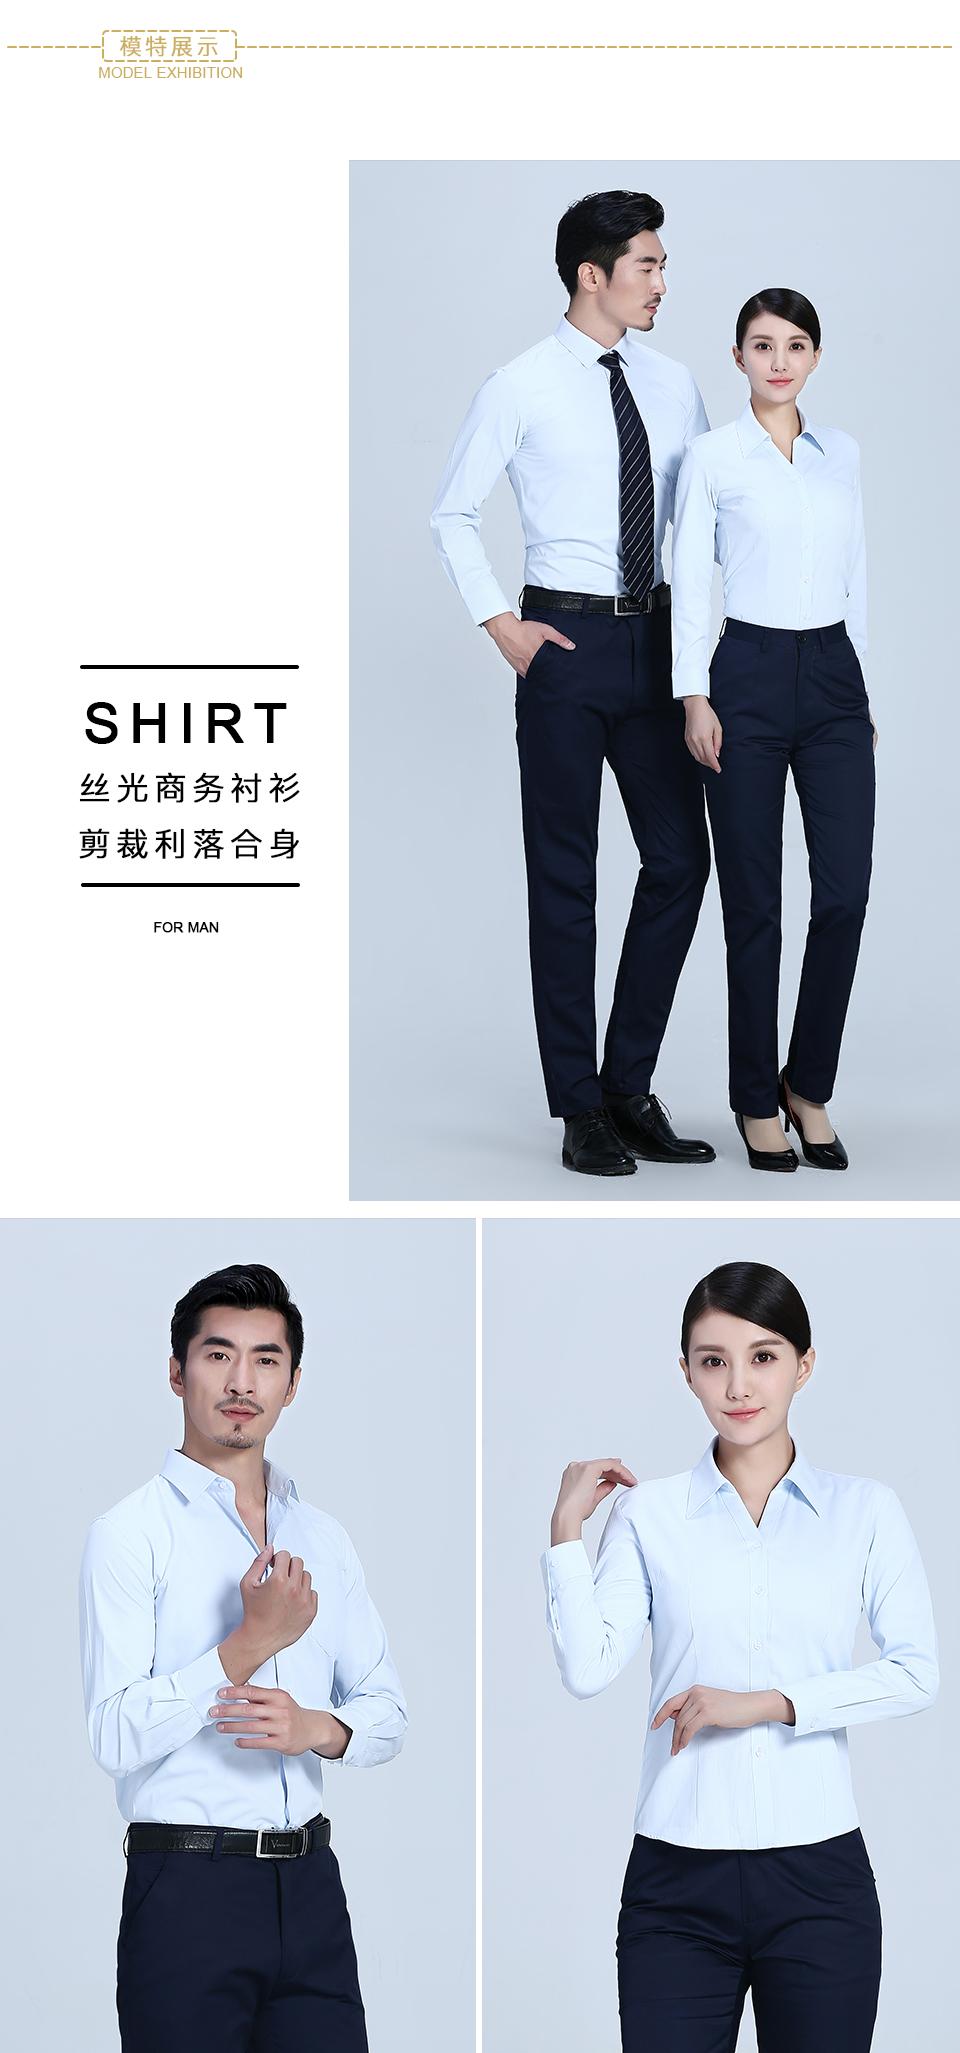 新款浅蓝商务长袖衬衫